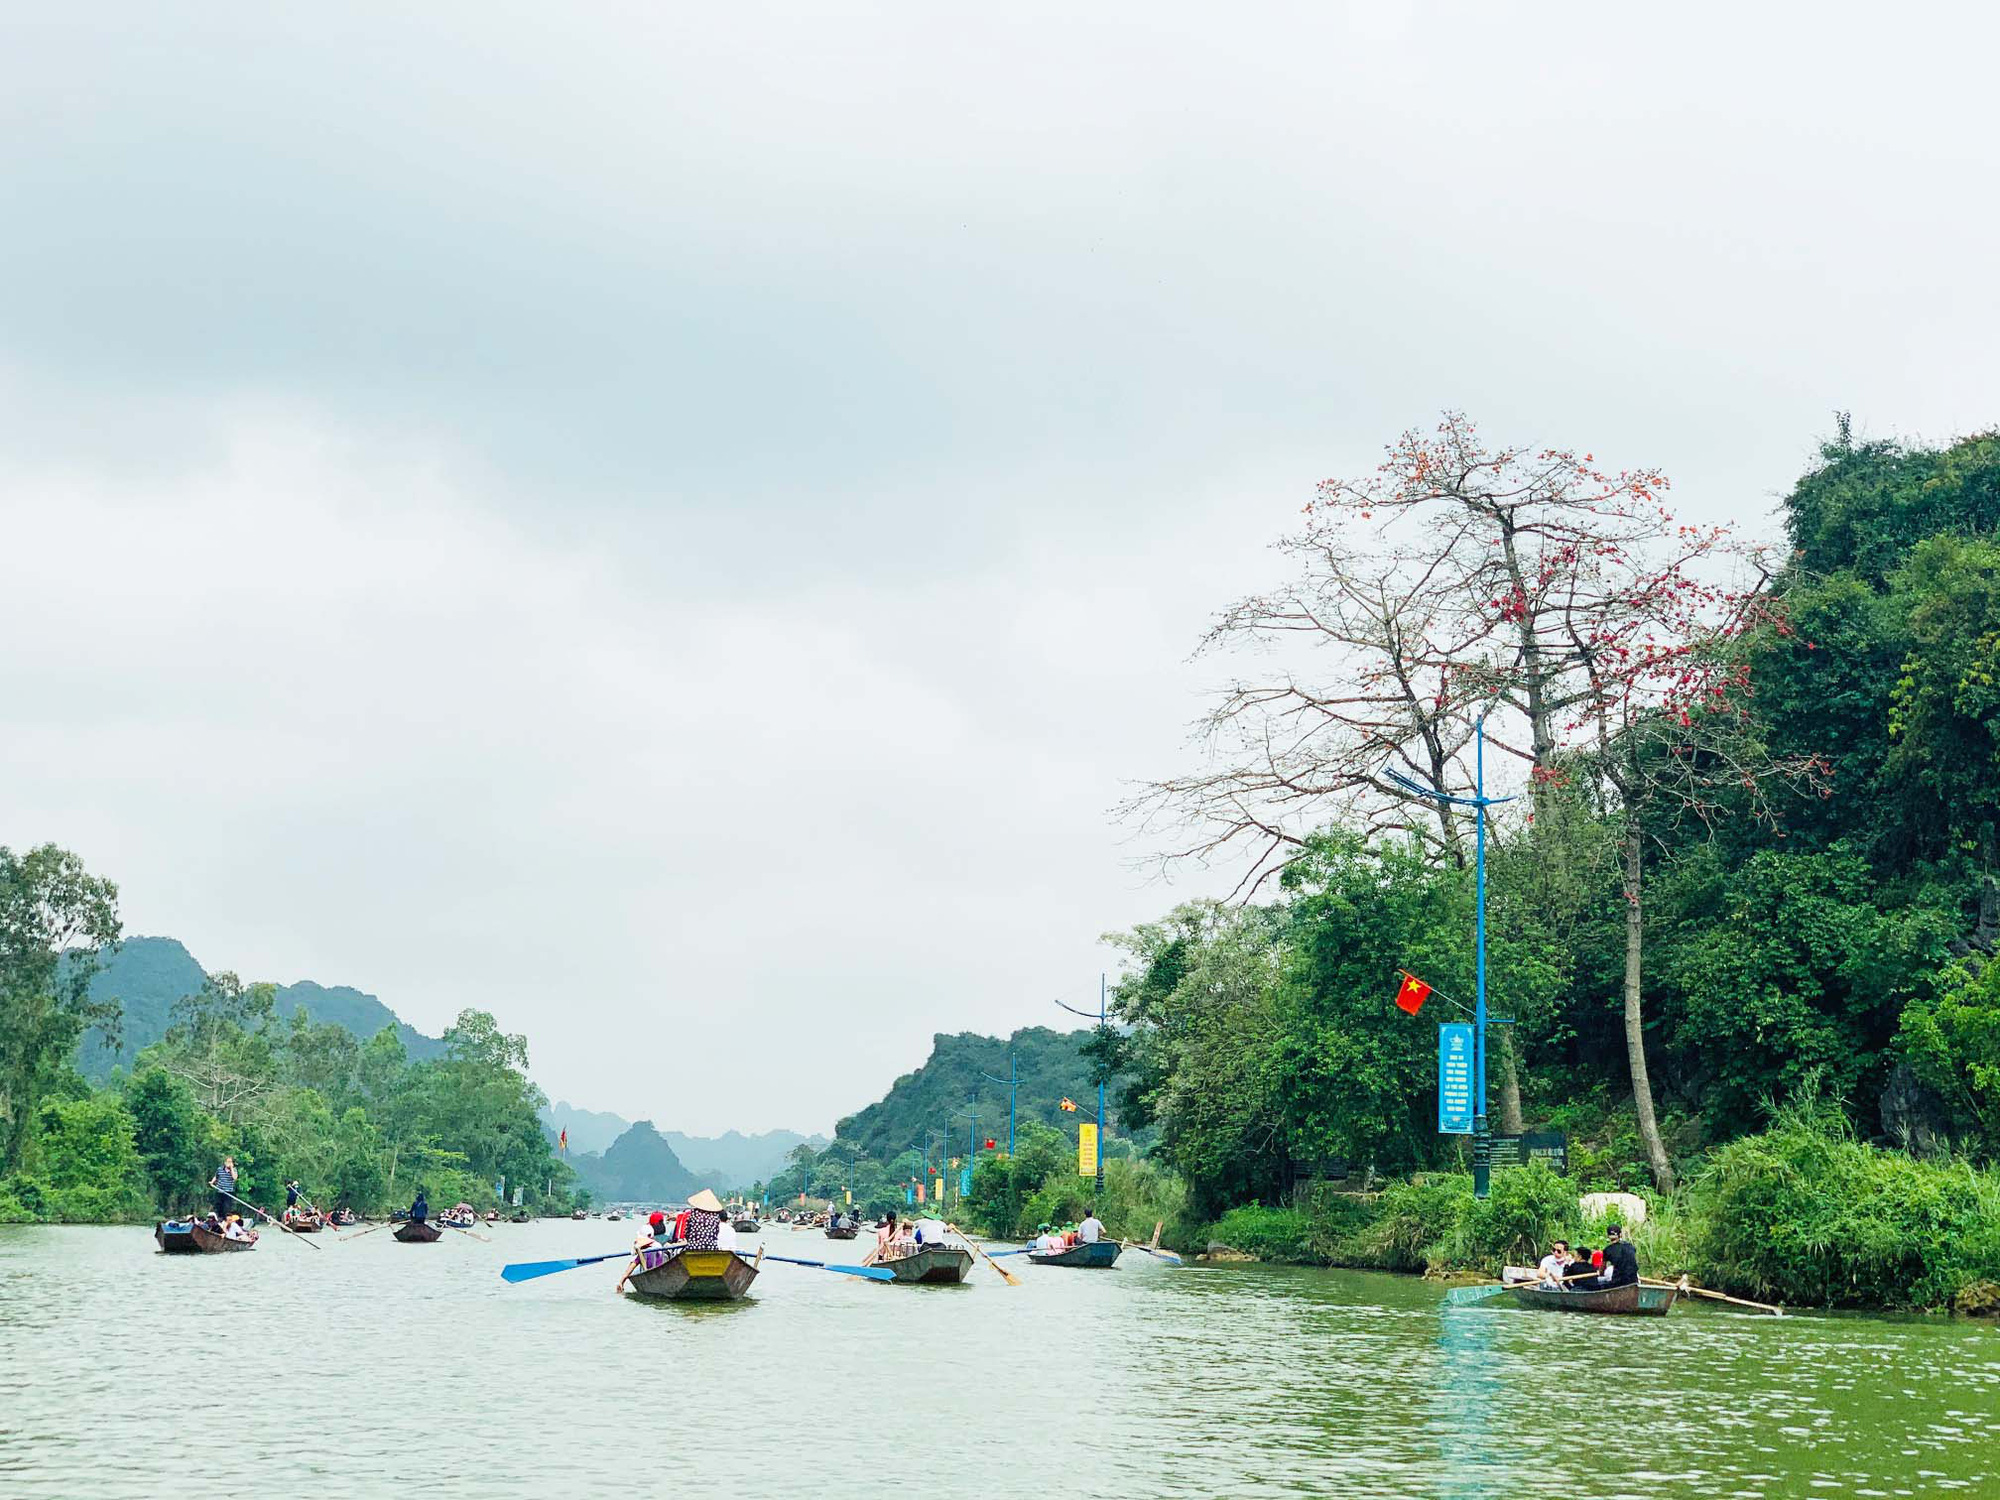 Chùa Hương: Hoa gạo nở bung sắc đỏ dọc suối Yến khiến du khách ngẩn ngơ - Ảnh 10.